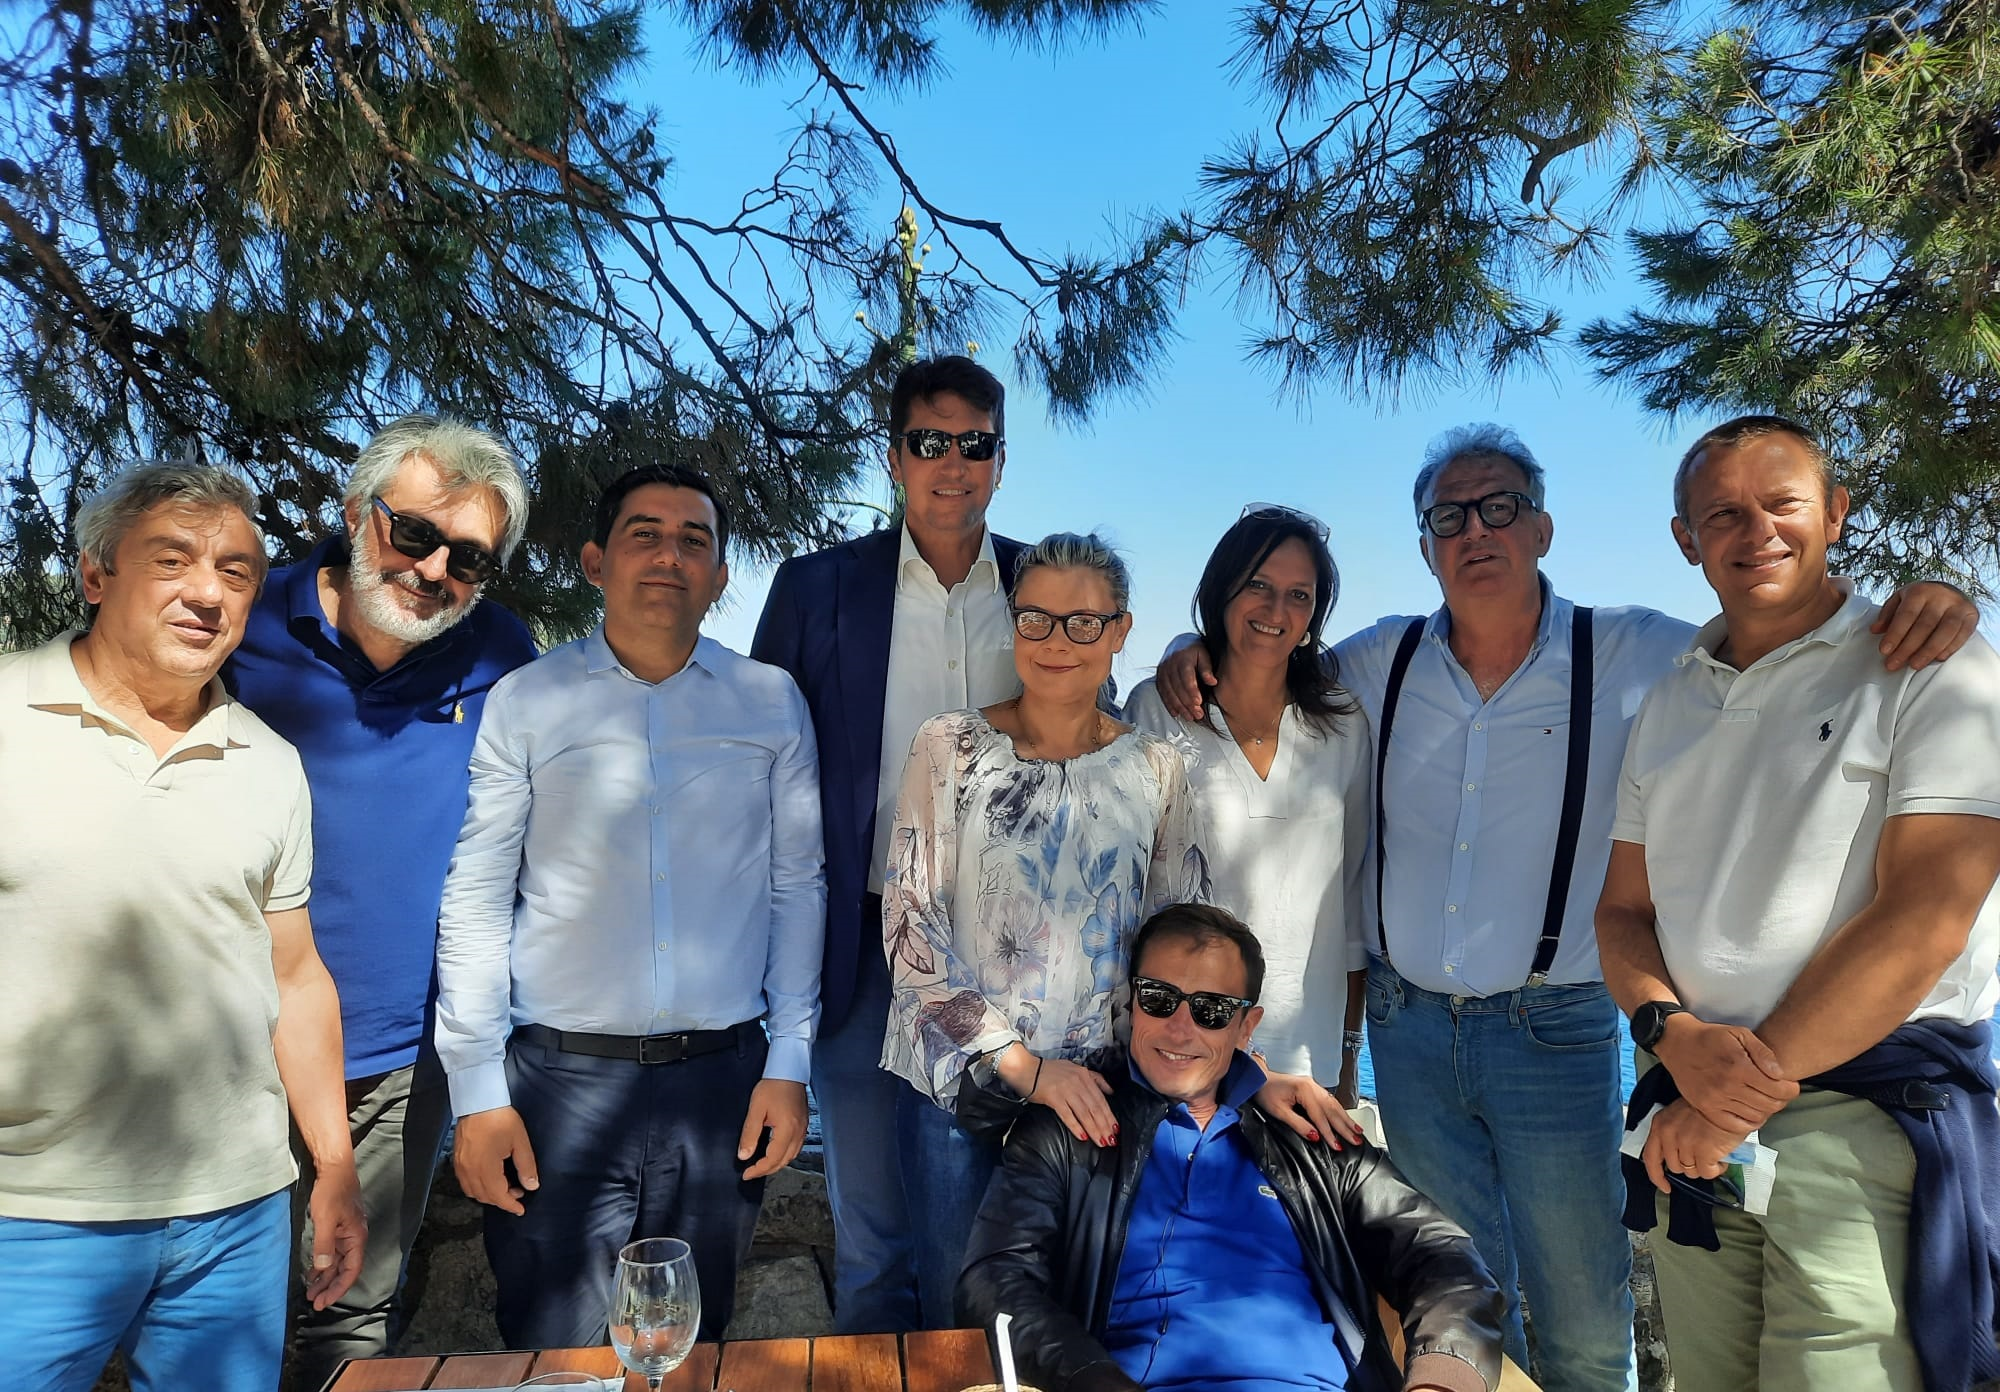 turismo:-fiavet-campania-basilicata-in-missione-in-grecia